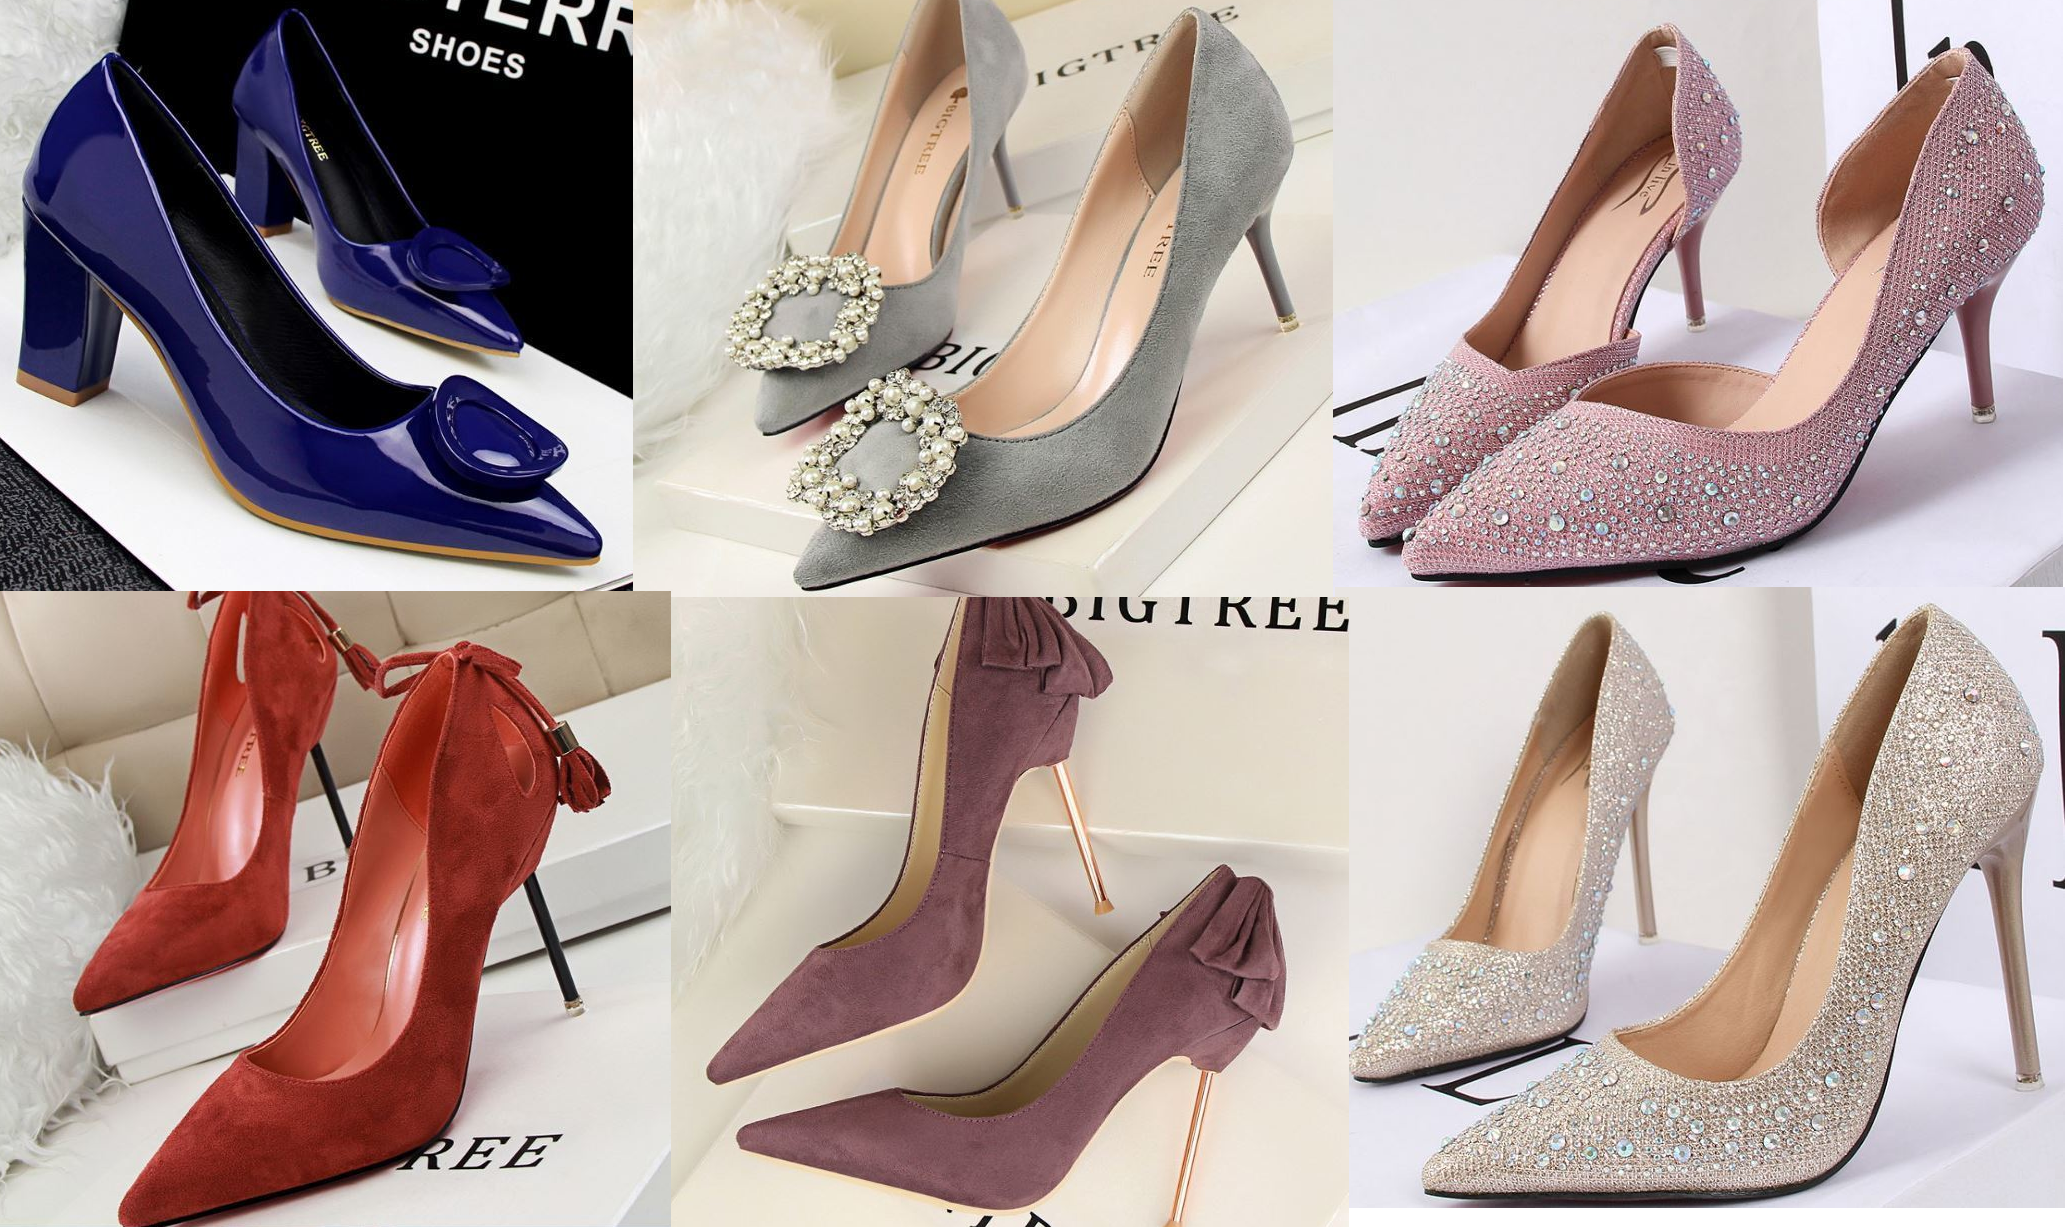 Сбор заказов.Женские туфли,которые всегда будут по моде и к любой одежде.Модные,красивые,женственные-только загляните,и без туфель не уйдете.Предзаказ.В1.